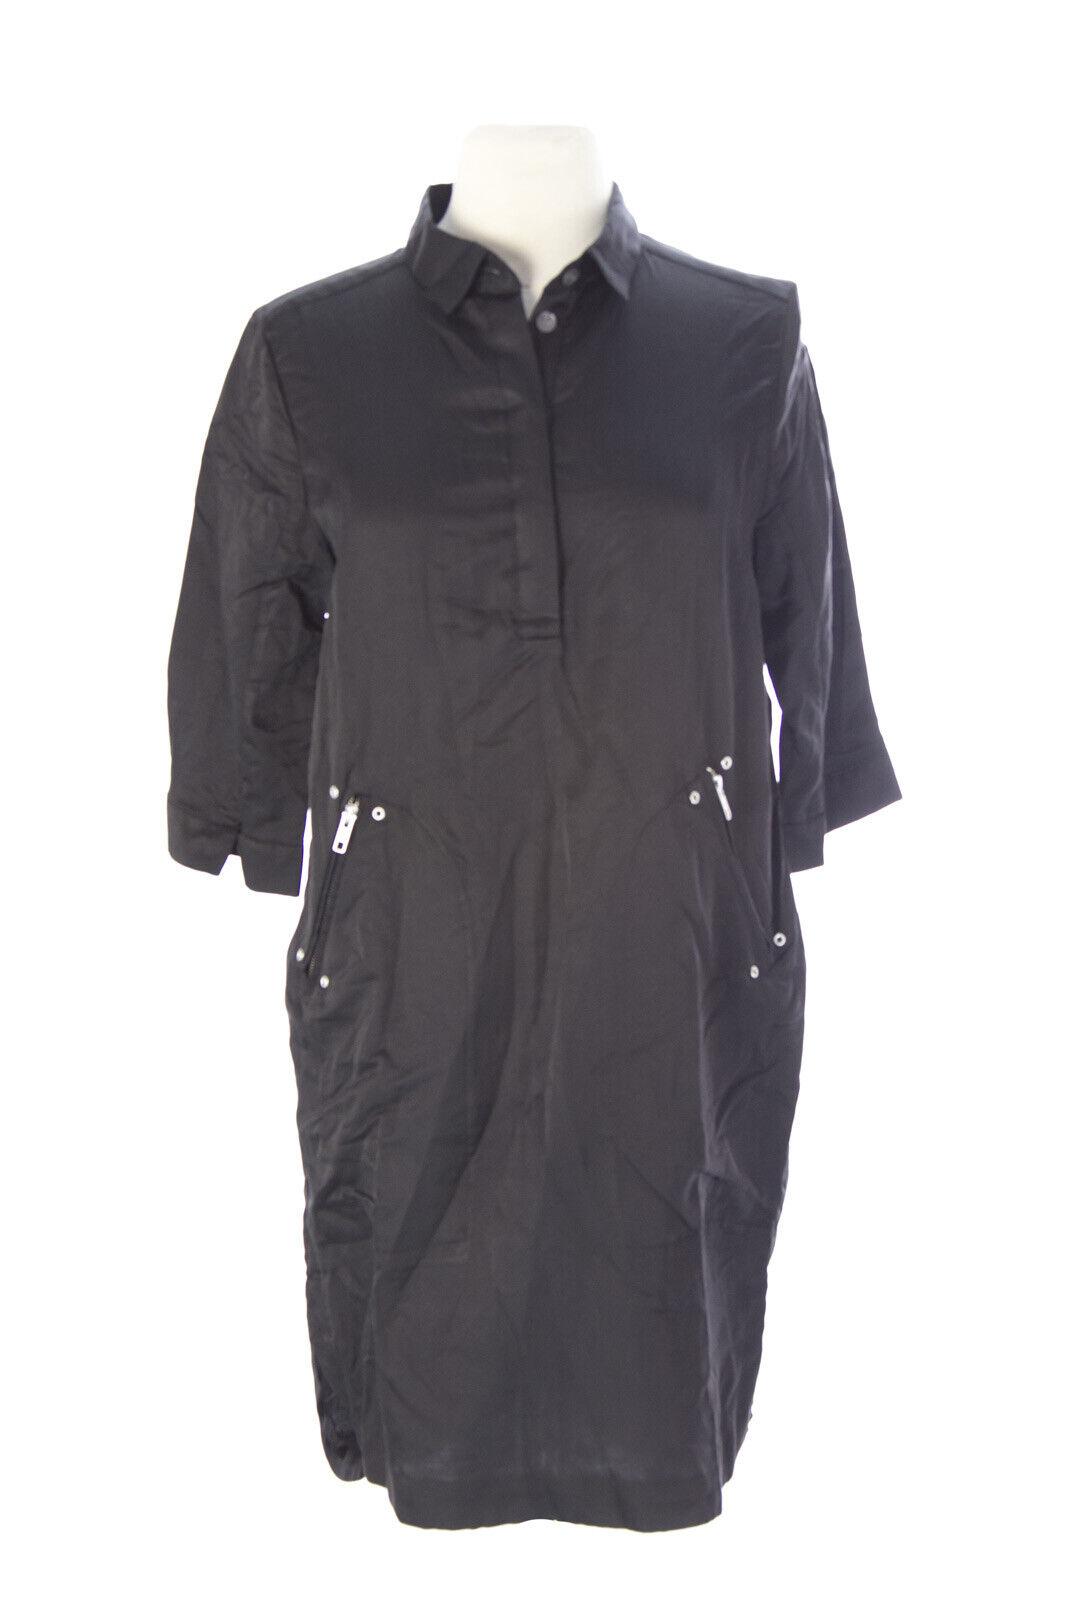 Surface To Luft DaMänner Schwarz Yaza Tunika Kleid Größe 38